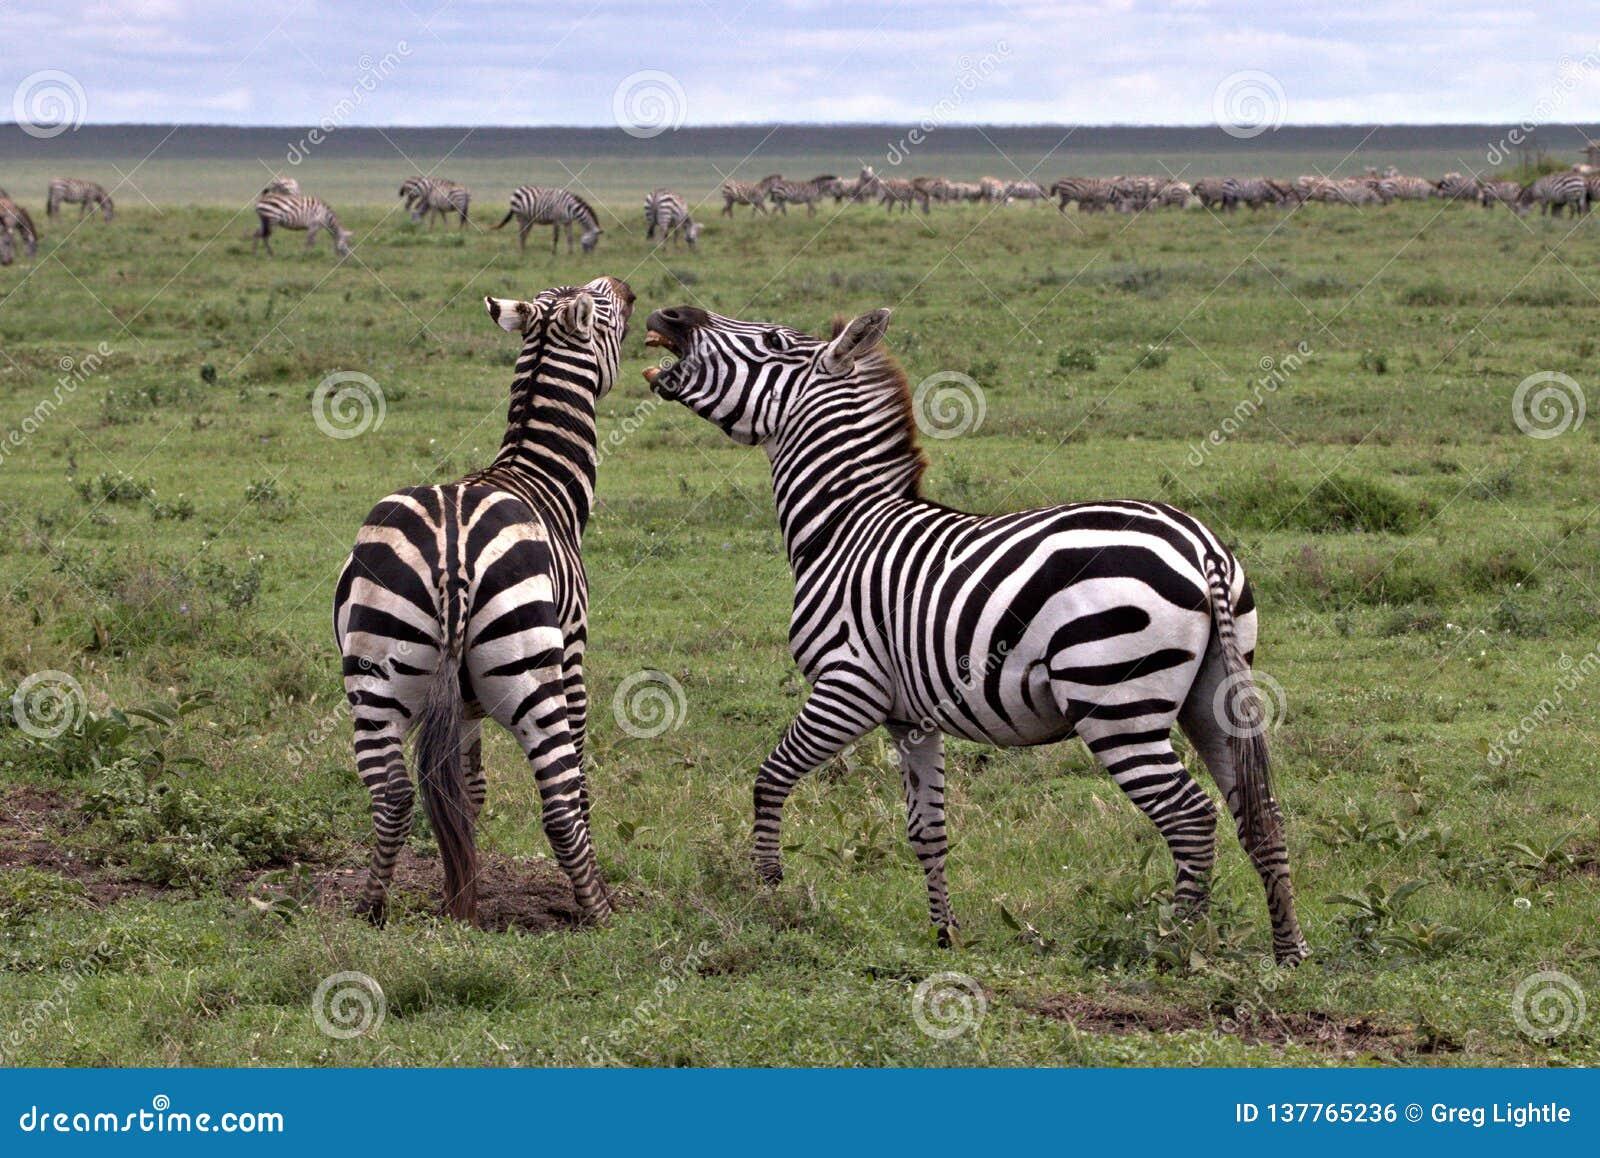 Zebras Spar on the Serengeti